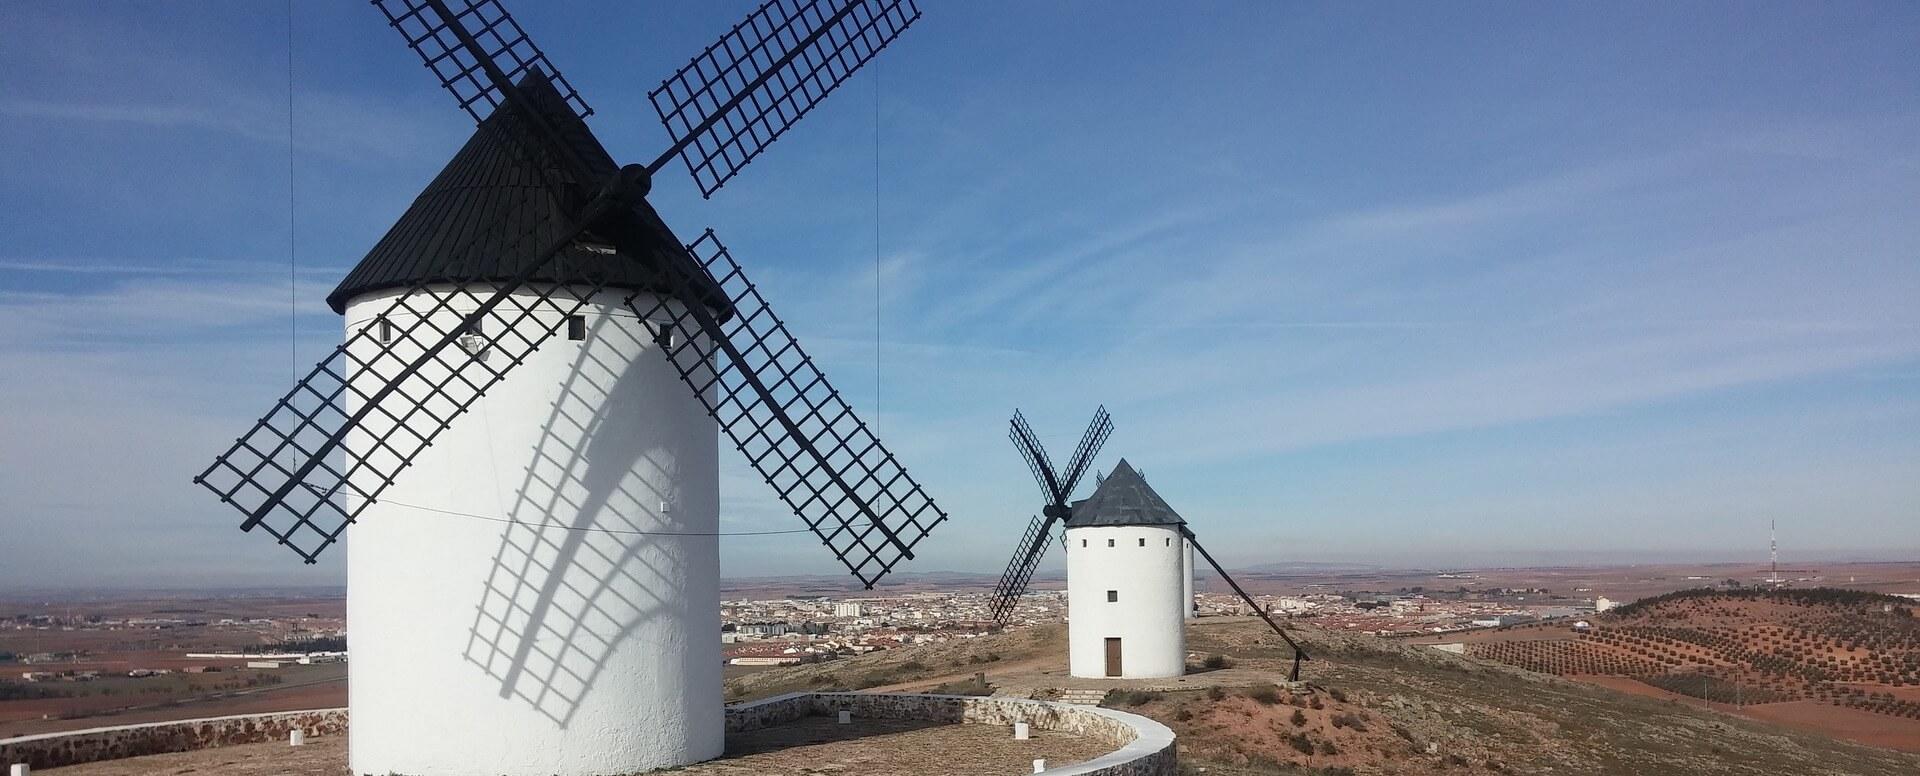 Prendre la Route de Don Quichotte - Espagne